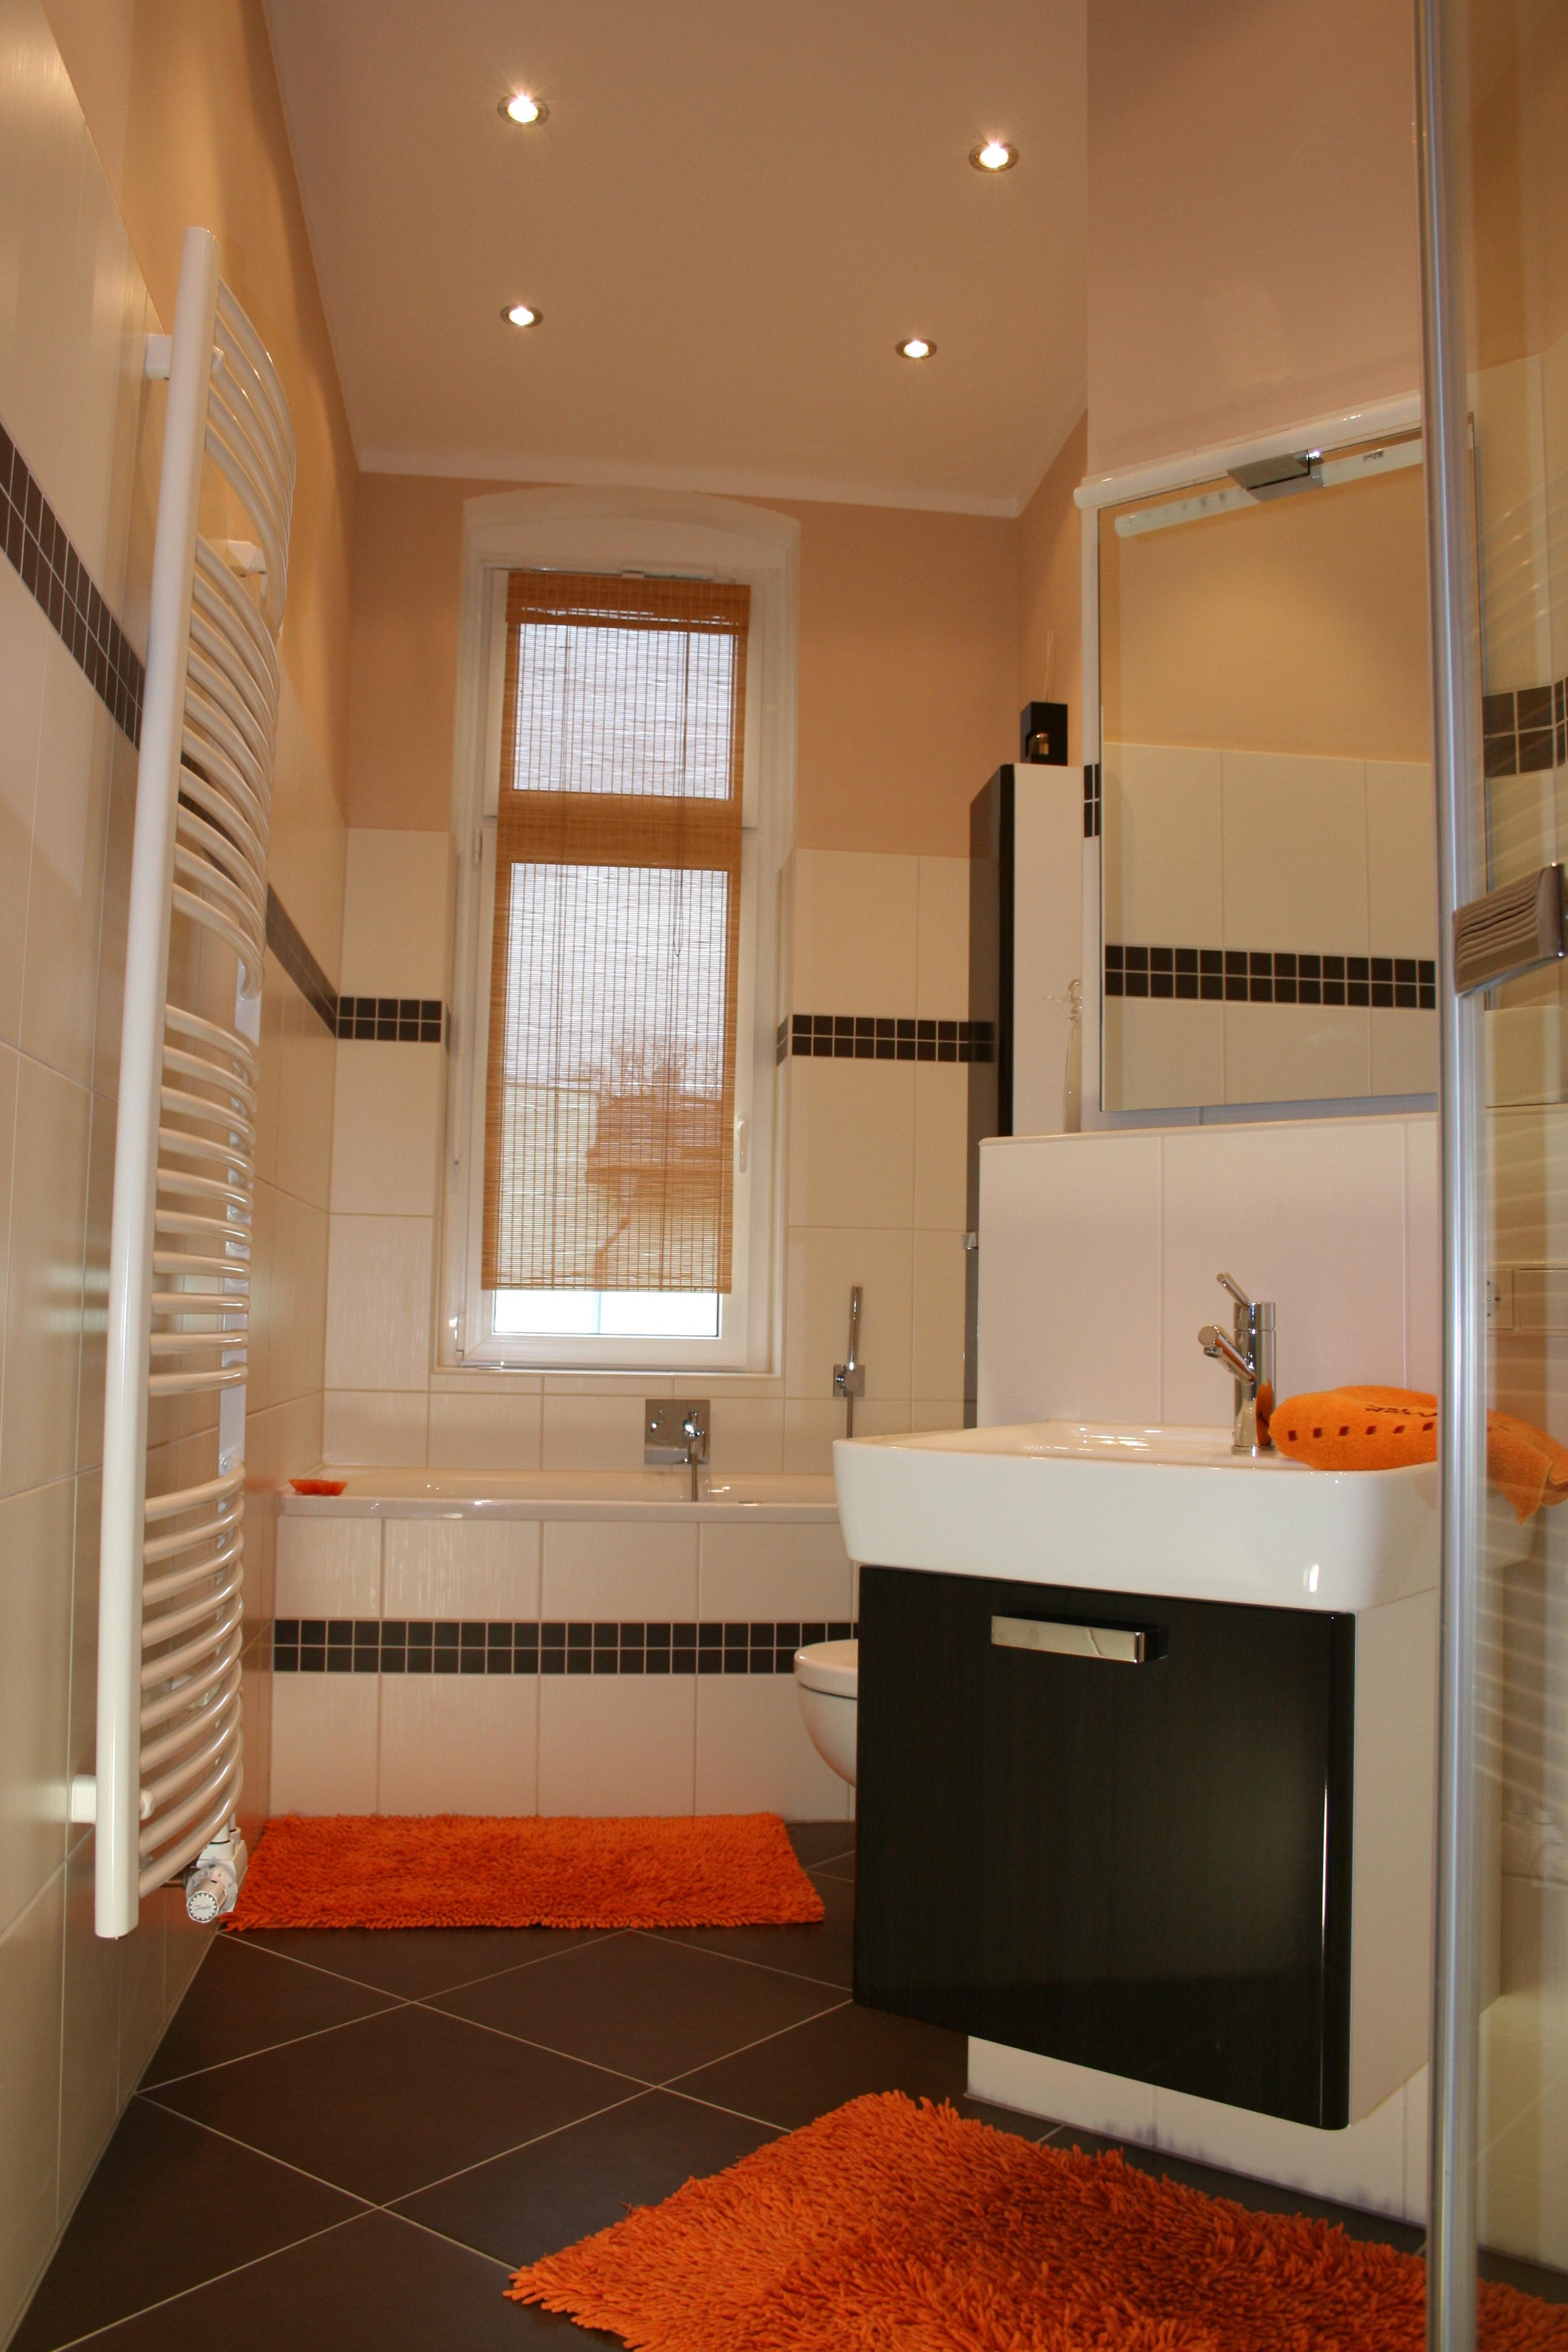 waschbecken schmal finest neg waschbecken unoa abgerundet wei mit schmalem with waschbecken. Black Bedroom Furniture Sets. Home Design Ideas